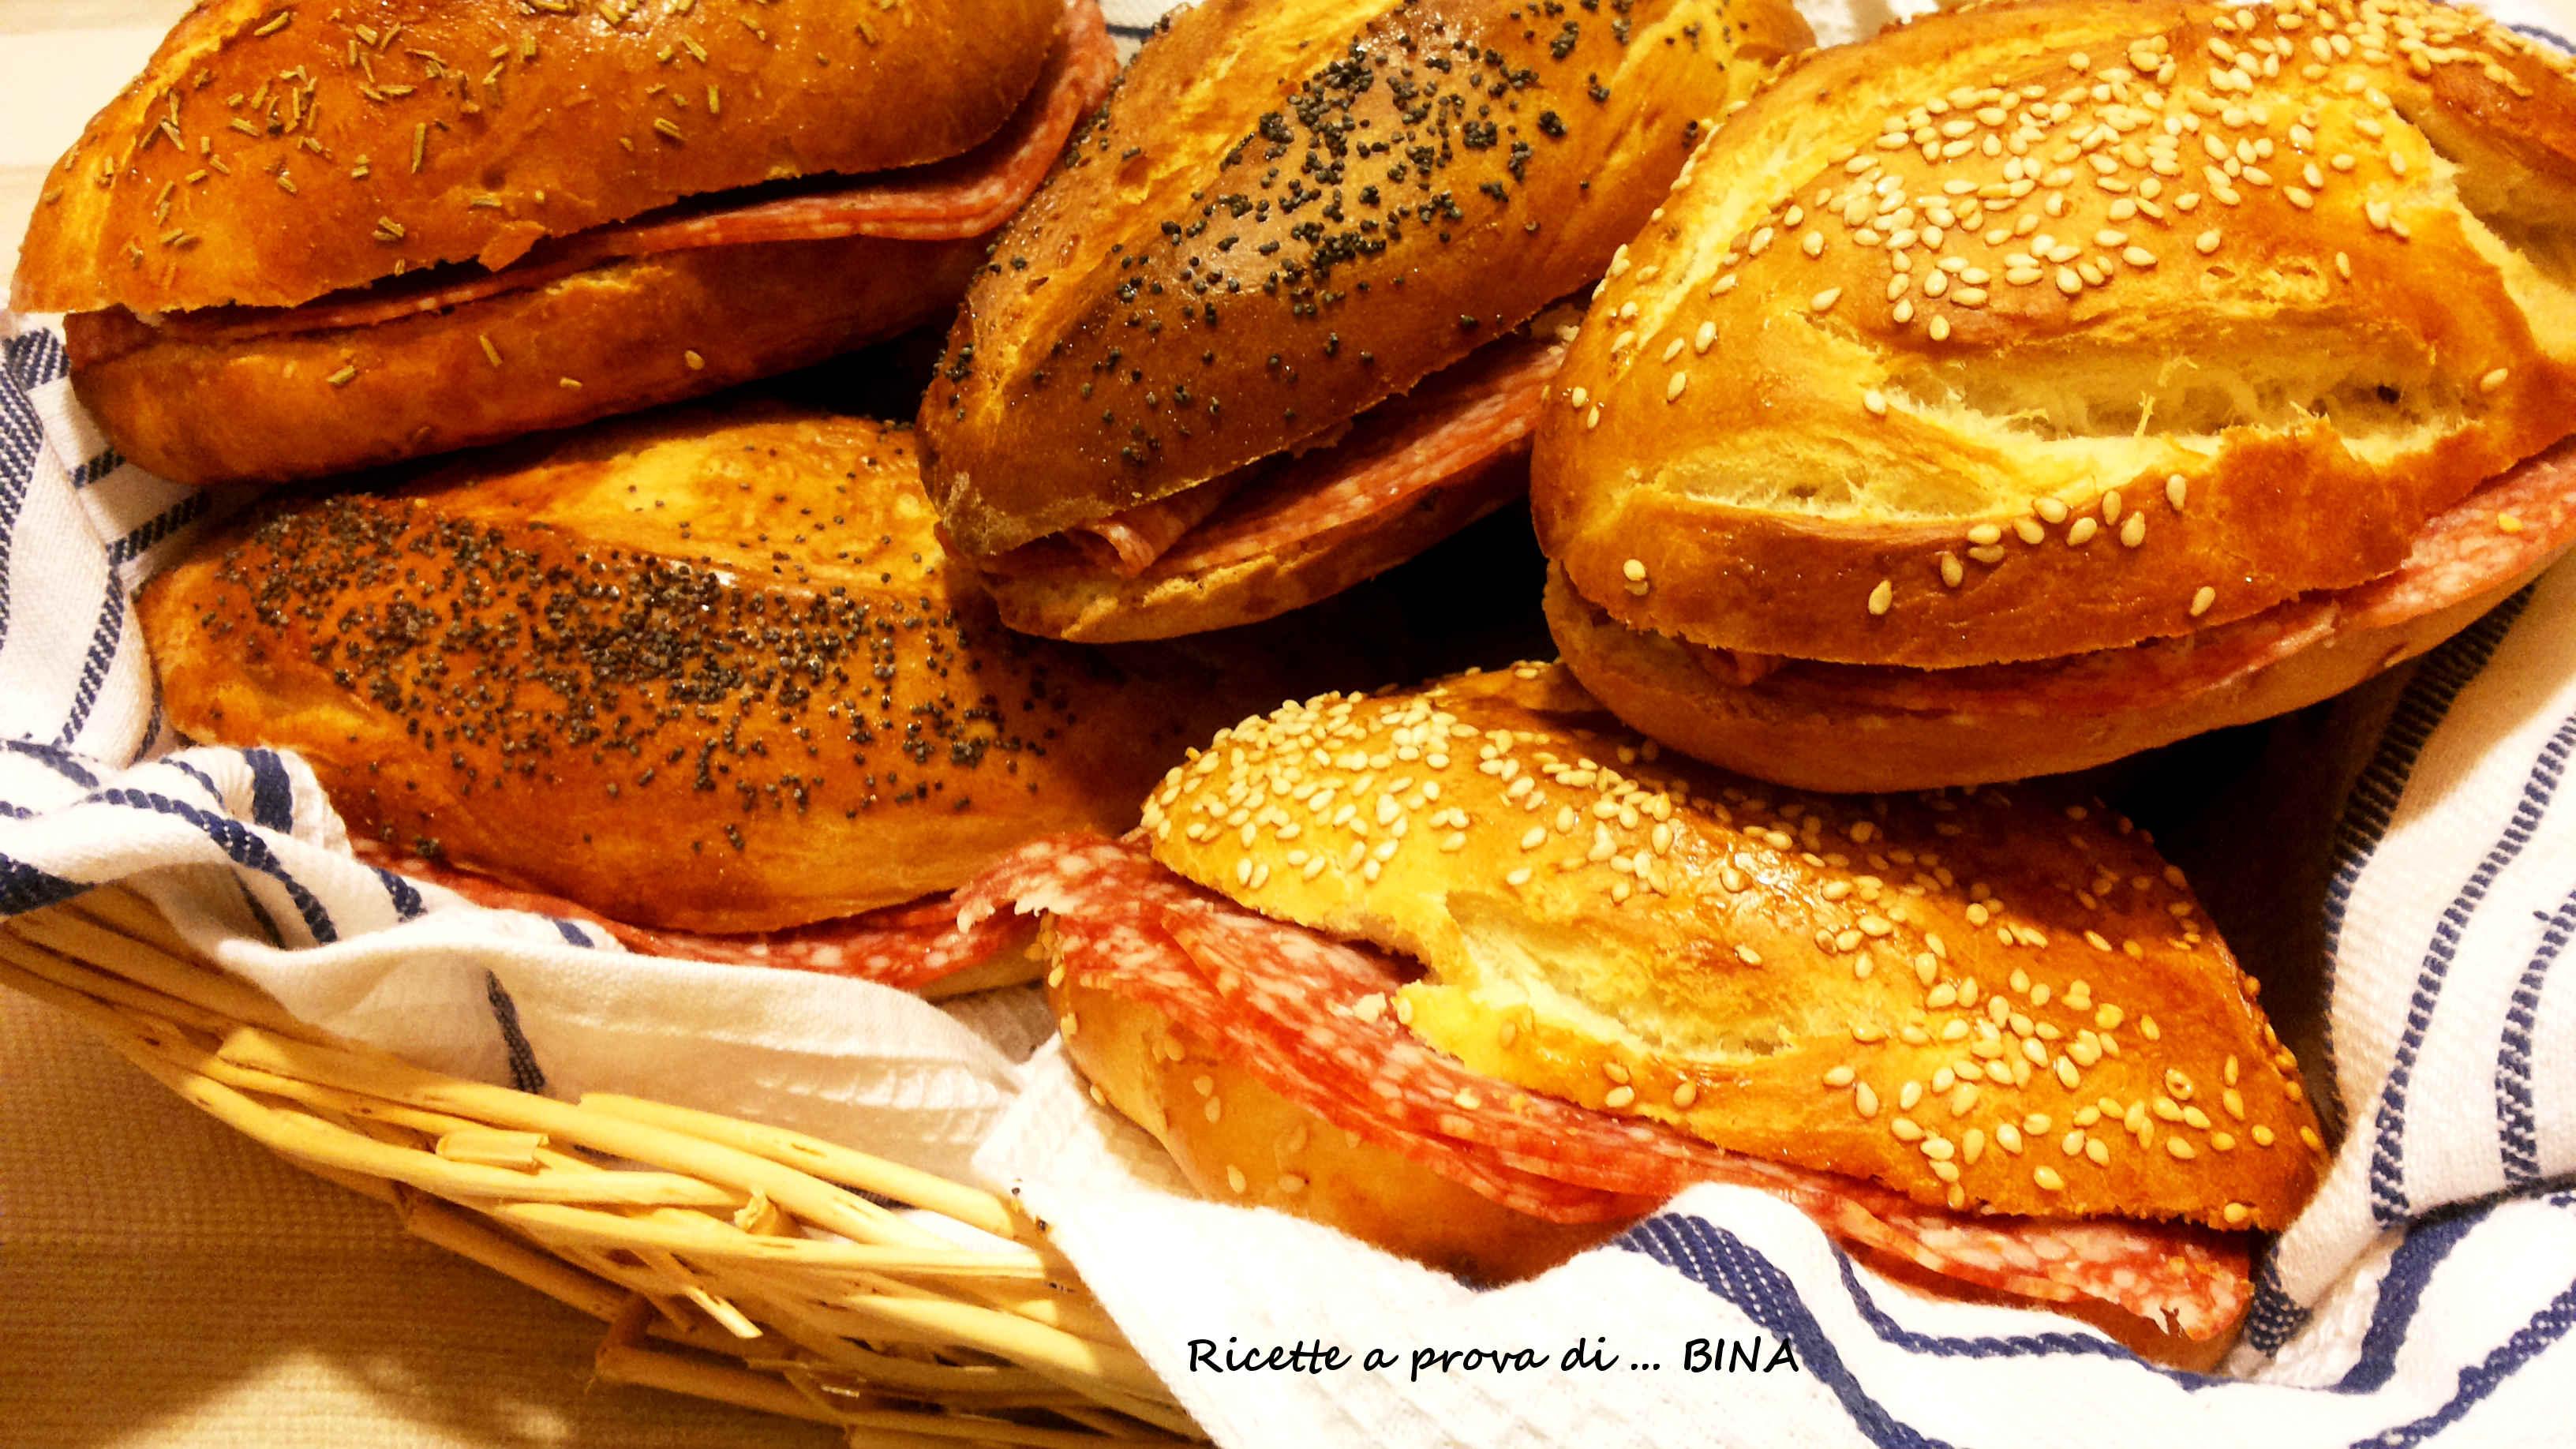 Speciale pane fatto in casa